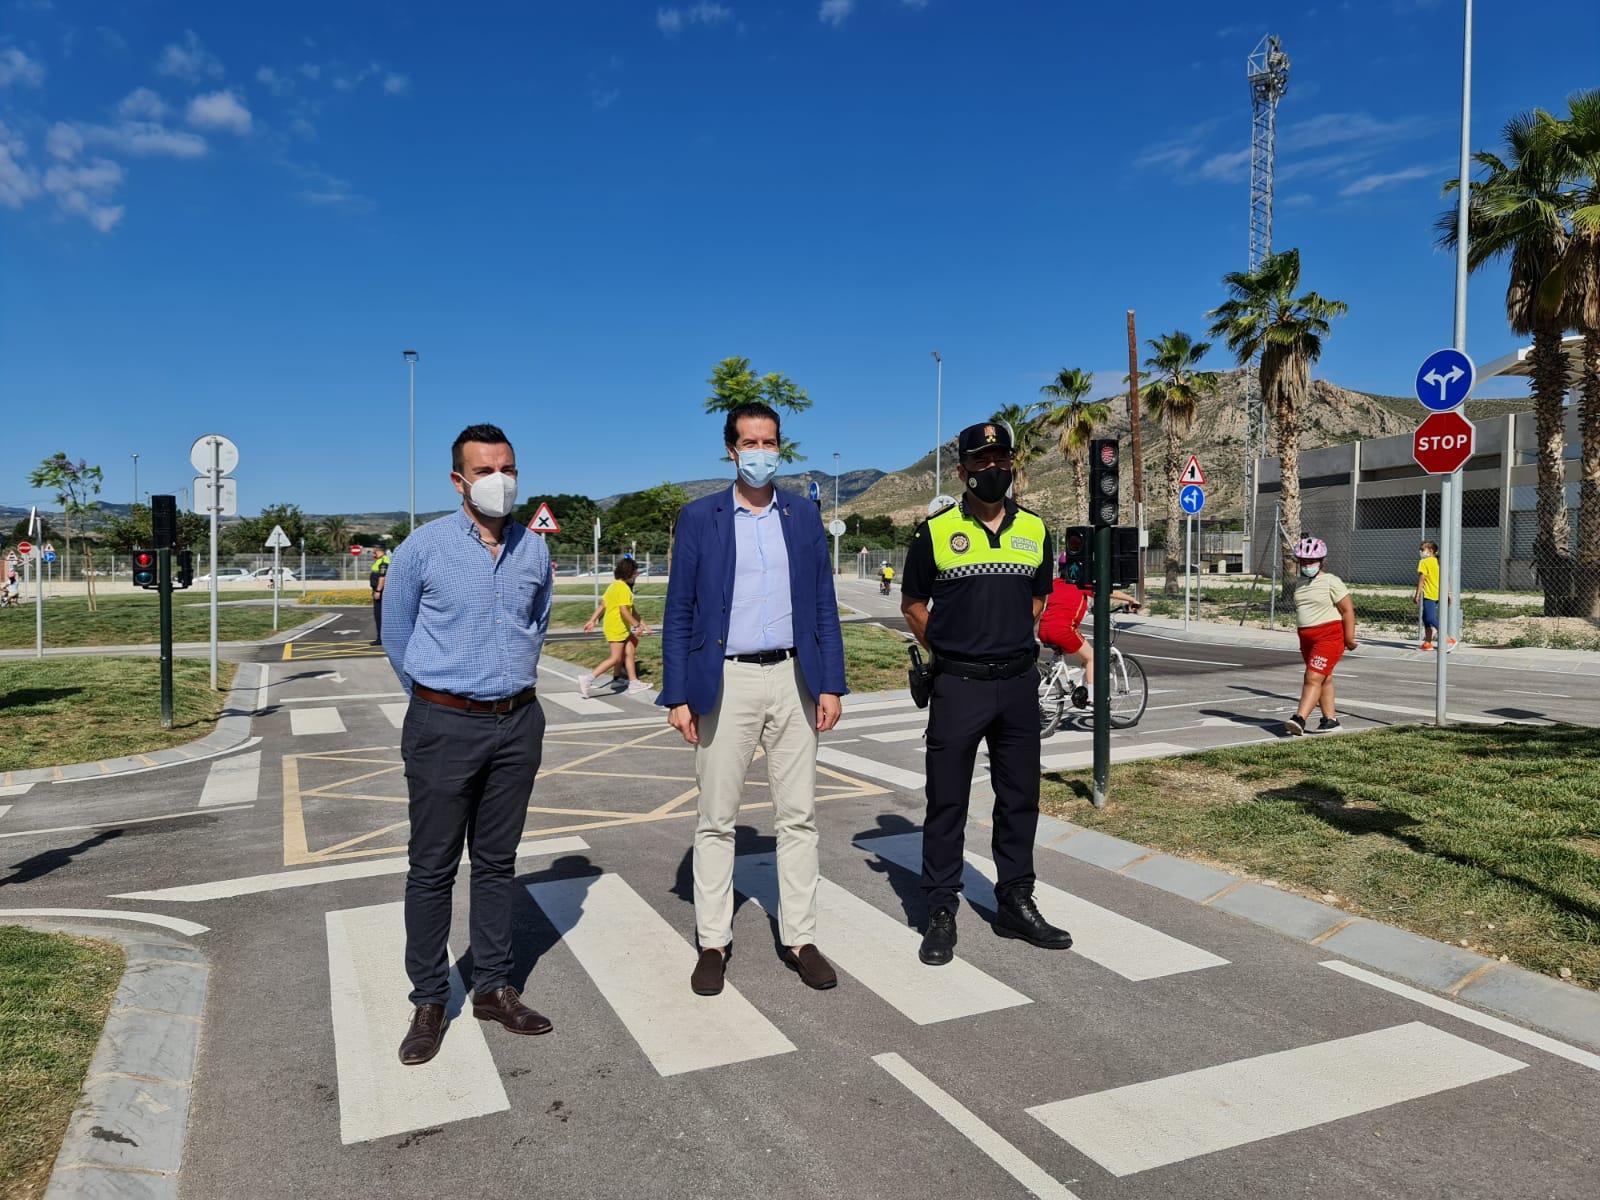 El Ayuntamiento de Elda pone en marcha el nuevo Parque Infantil de Tráfico donde los niños y niñas eldenses recibirán educación vial